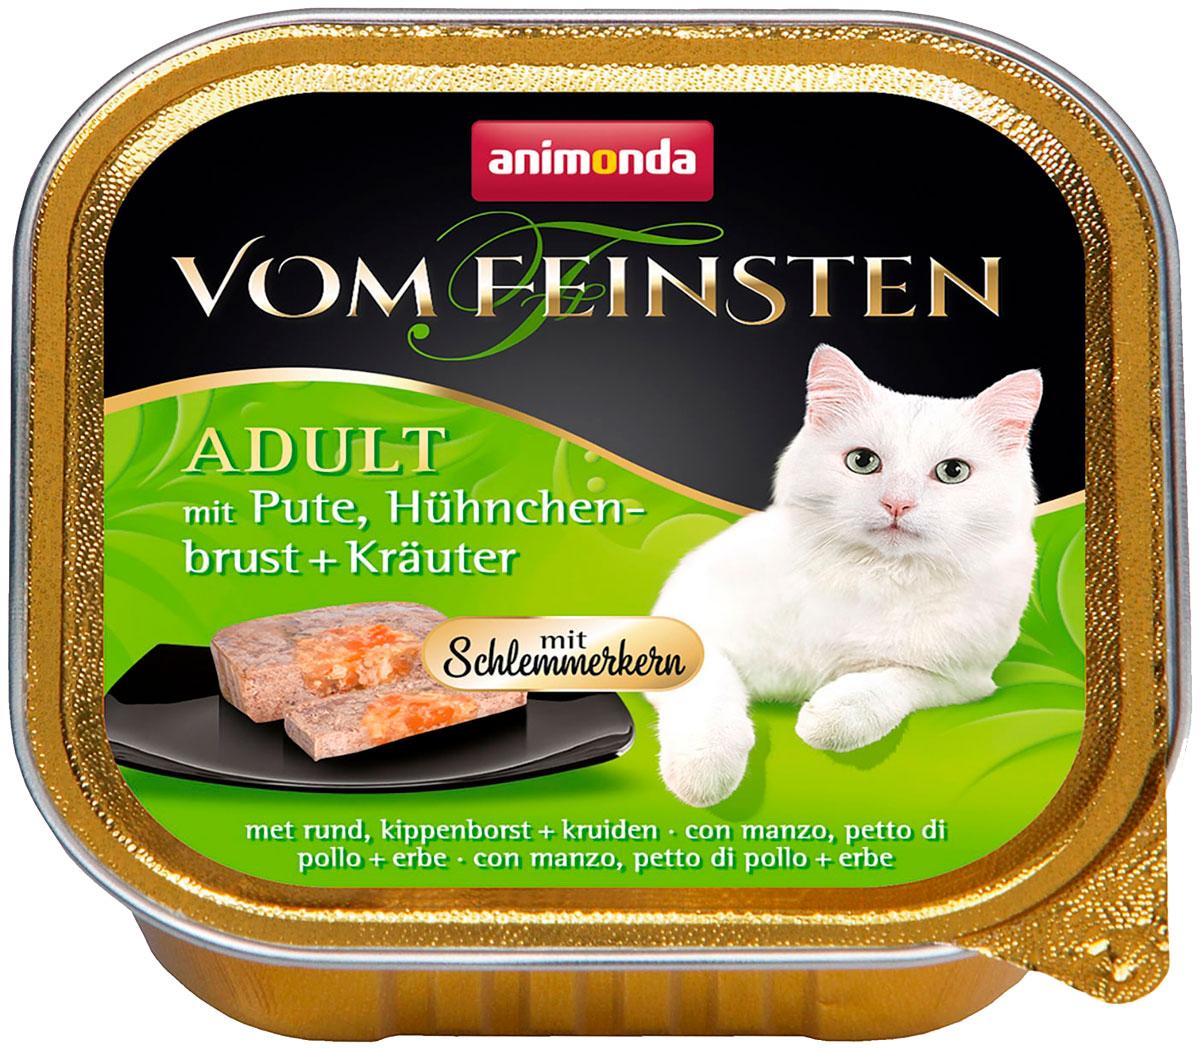 Animonda Vom Feinsten Adult Mit Pute, Huhnchen-brust & Krauter для привередливых взрослых кошек меню для гурманов с индейкой, куриной грудкой и травами 100 гр (100 гр)